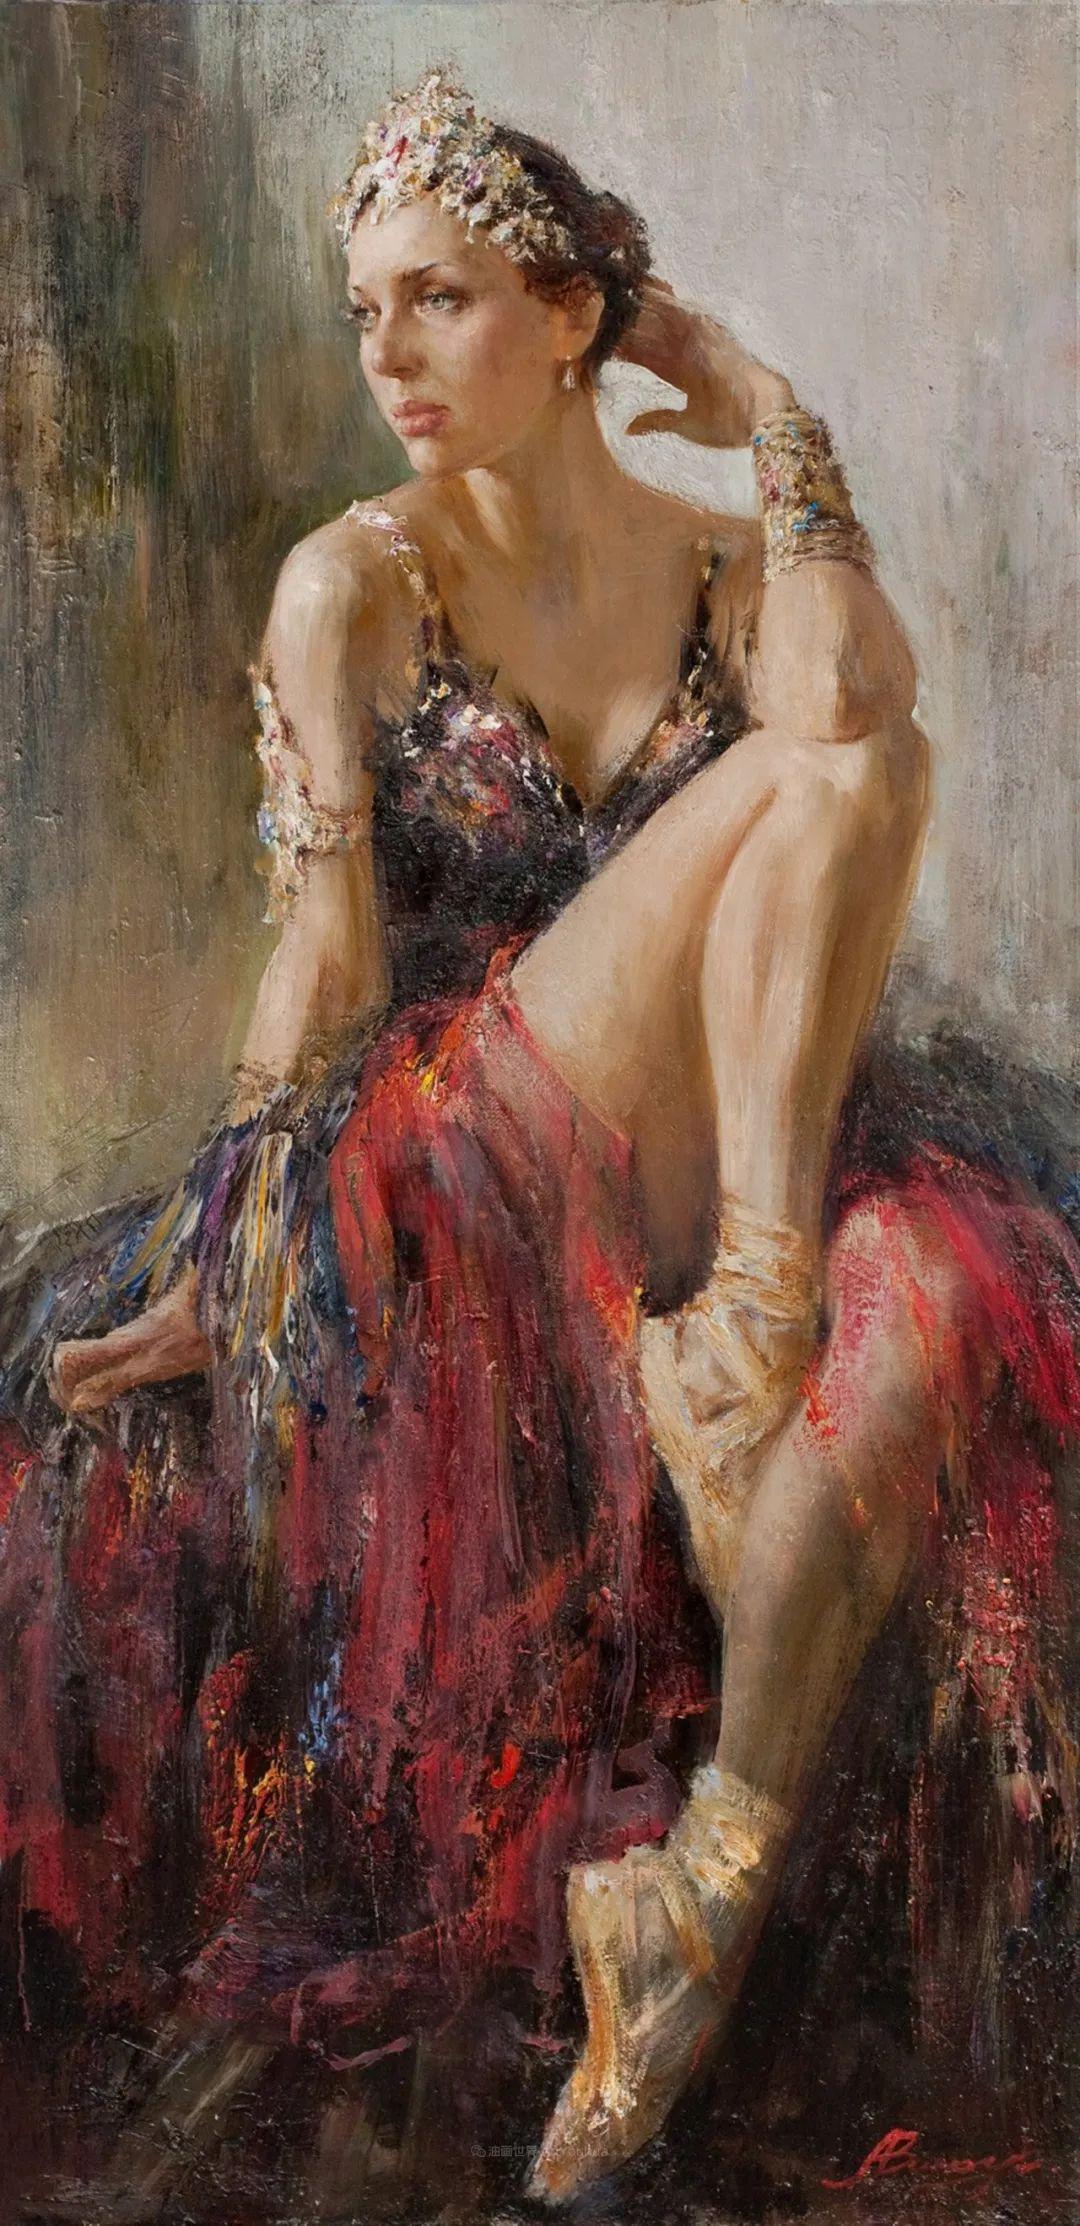 芭蕾舞蹈,俄罗斯女画家安娜·维诺加拉多娃插图5